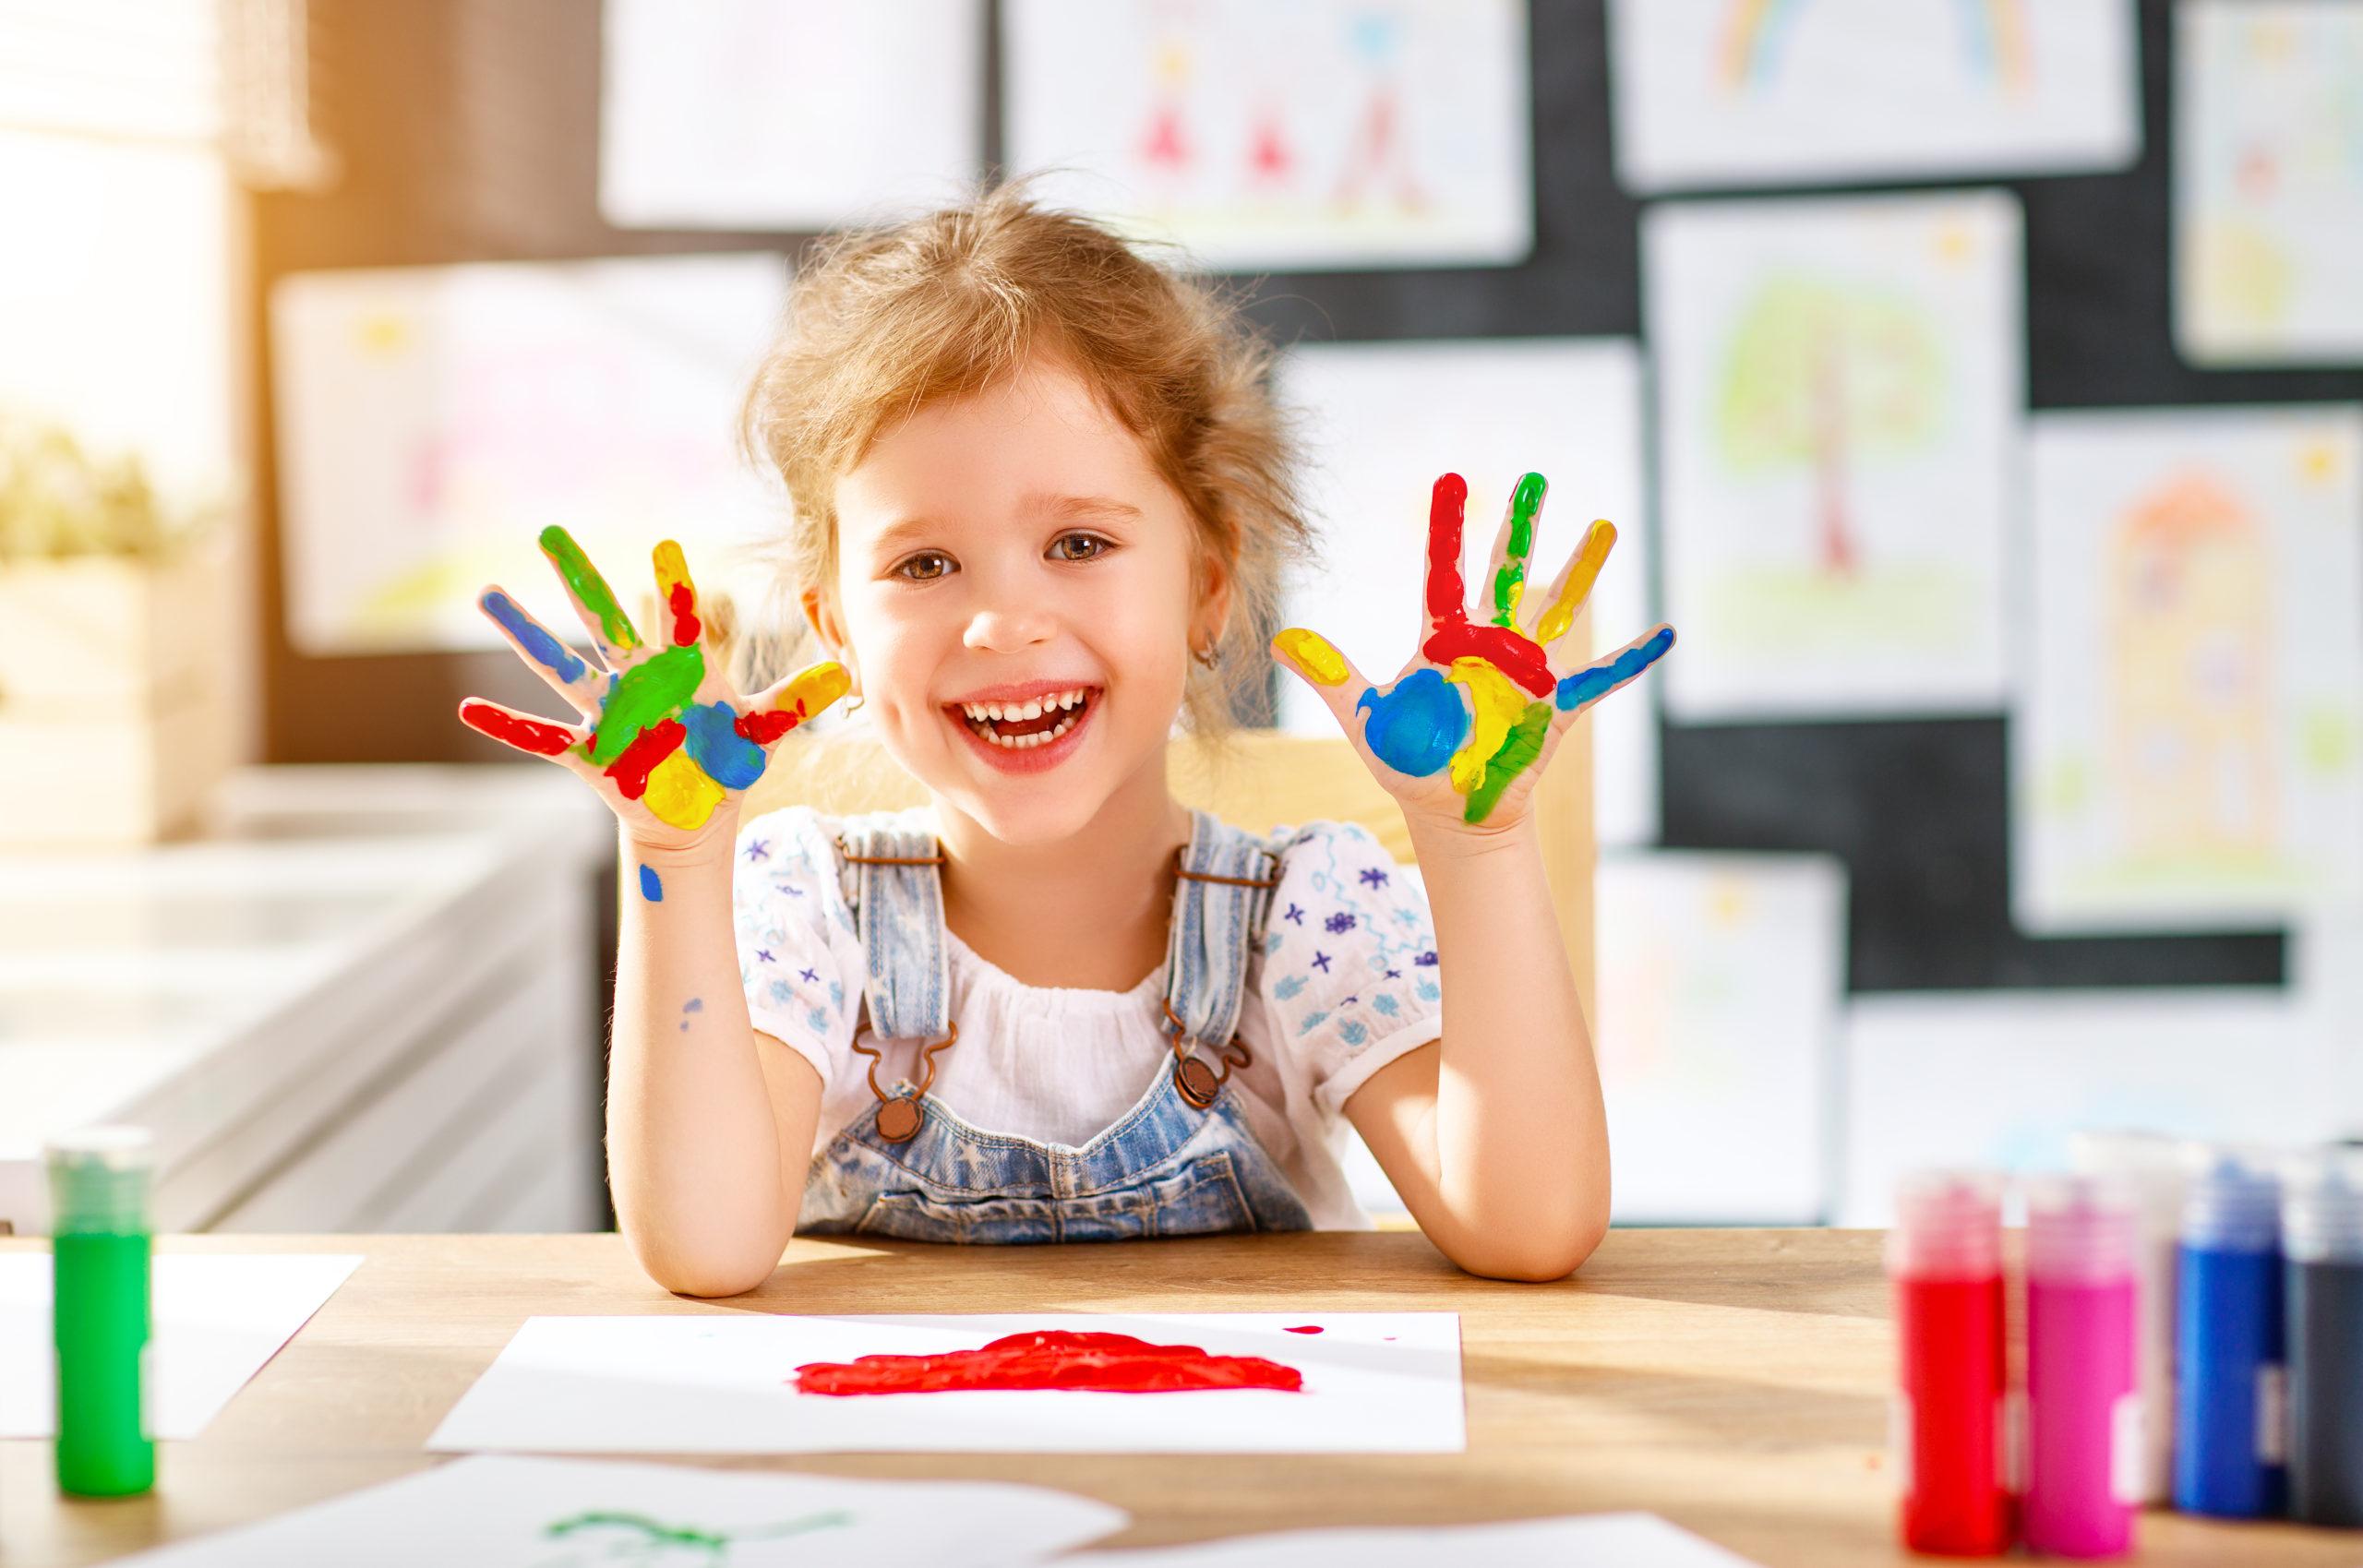 【保育カレッジ授業】保育園でのアートアクティビティの教え方